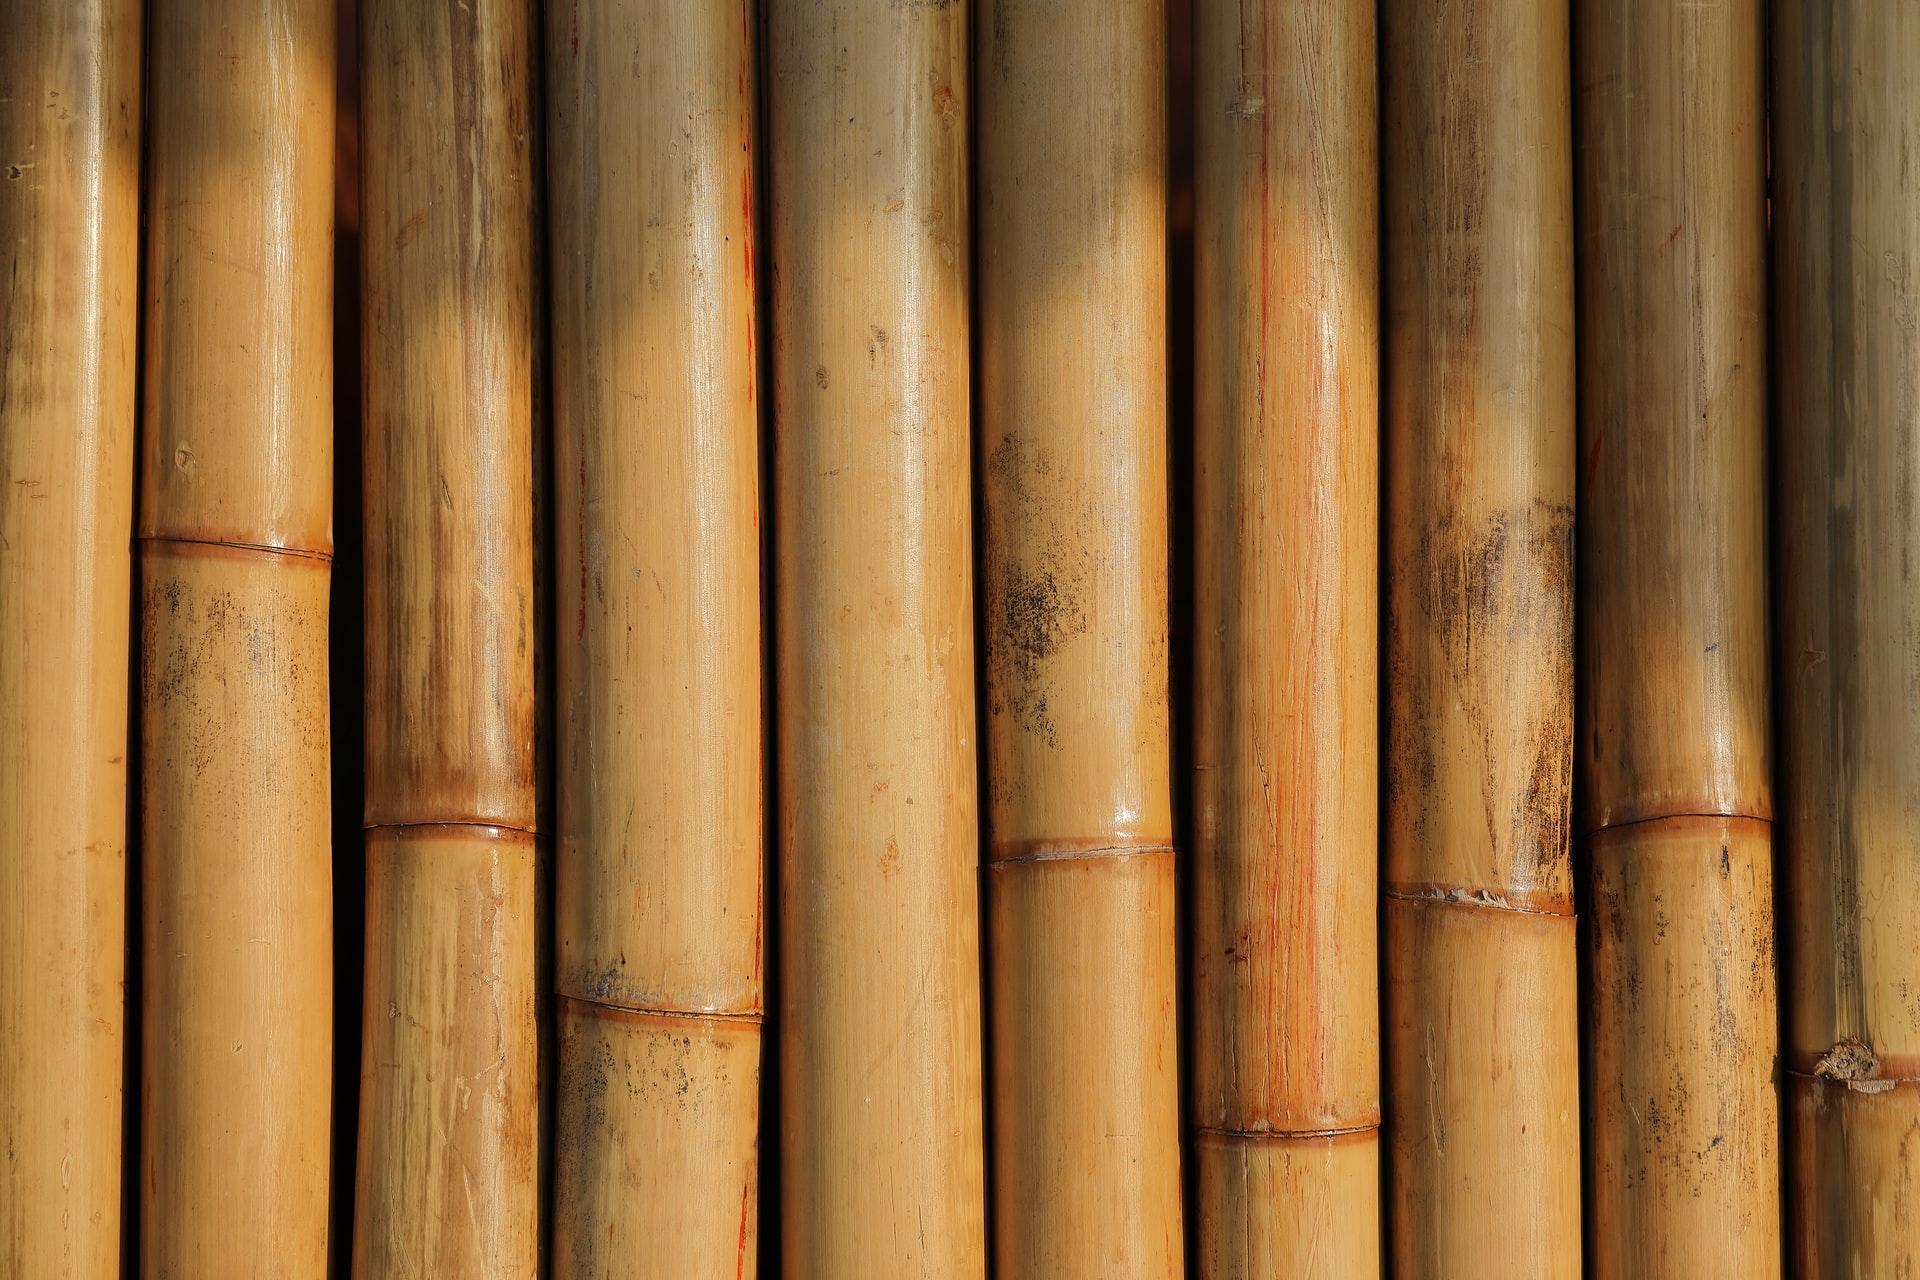 maksim shutov  YZmLkUg EI unsplash - Har du set de unikke bambusborde til terrassen?